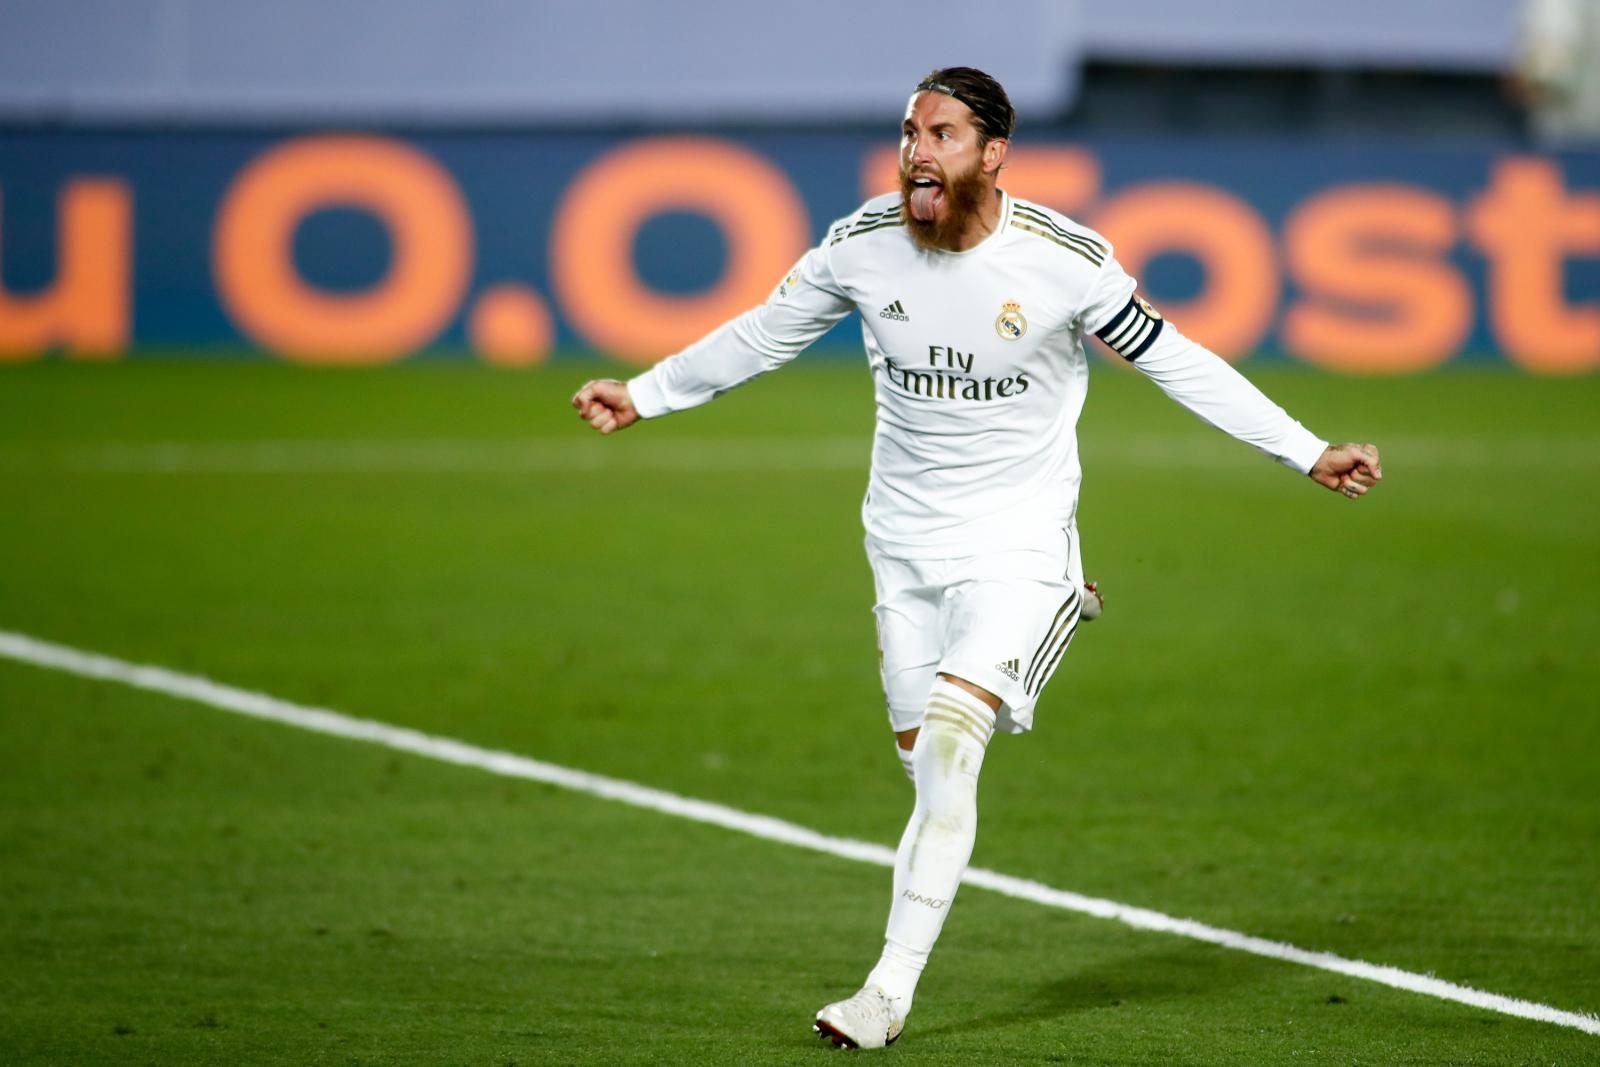 Реал Мадрид — Алавес: прогноз на матч 35-го тура чемпионата Испании